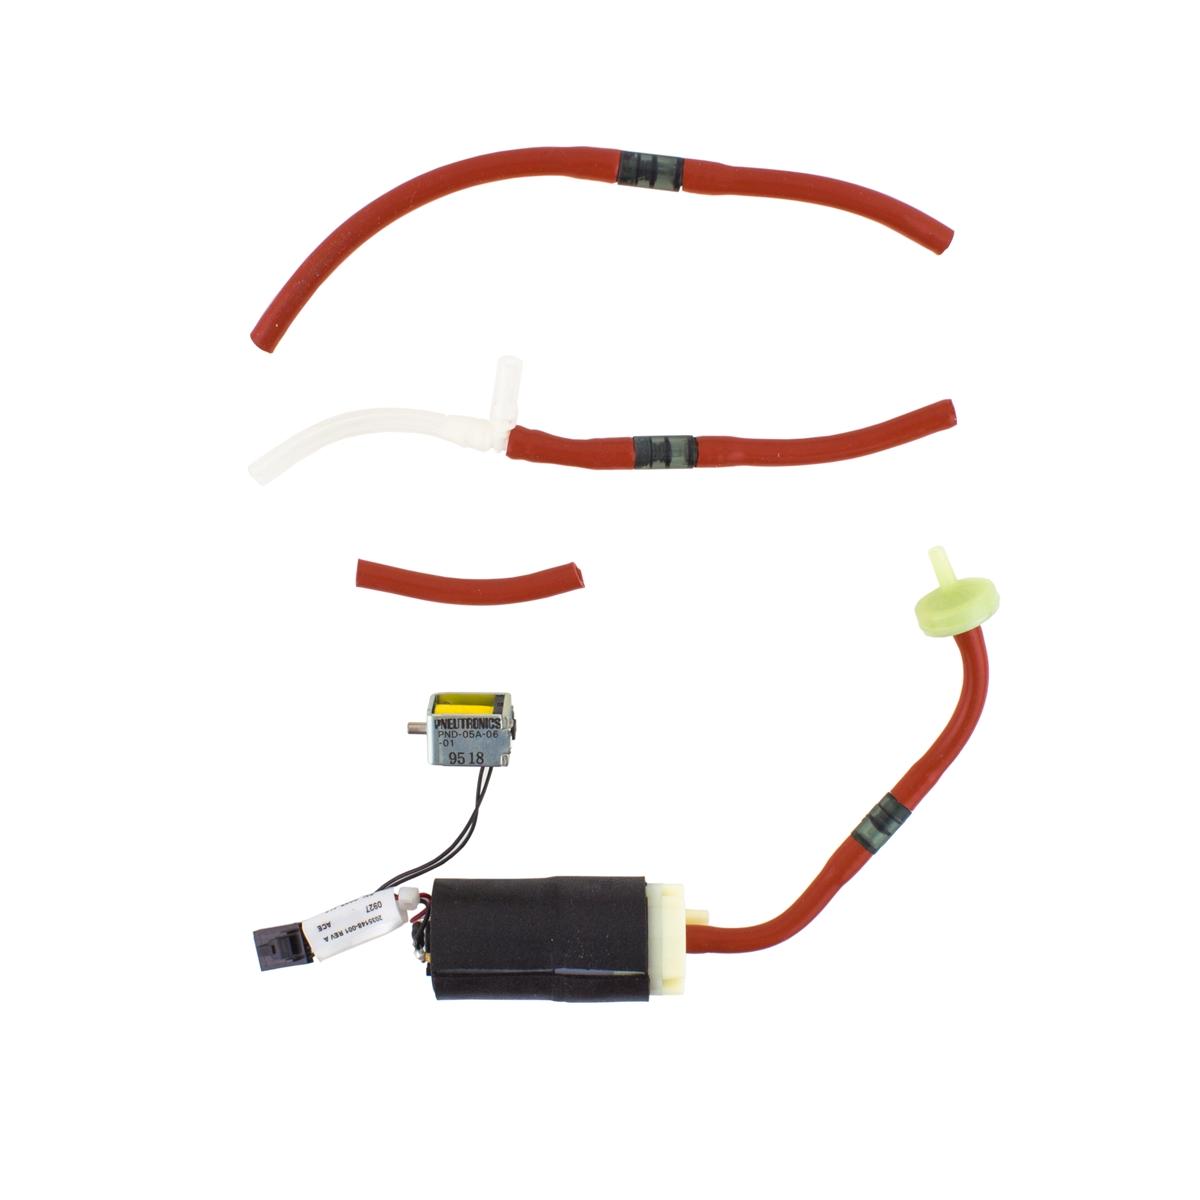 GE Carescape V100 Vital Signs Monitor Pneumatic SuperSTAT NiBP Kit Pump Valves Hose